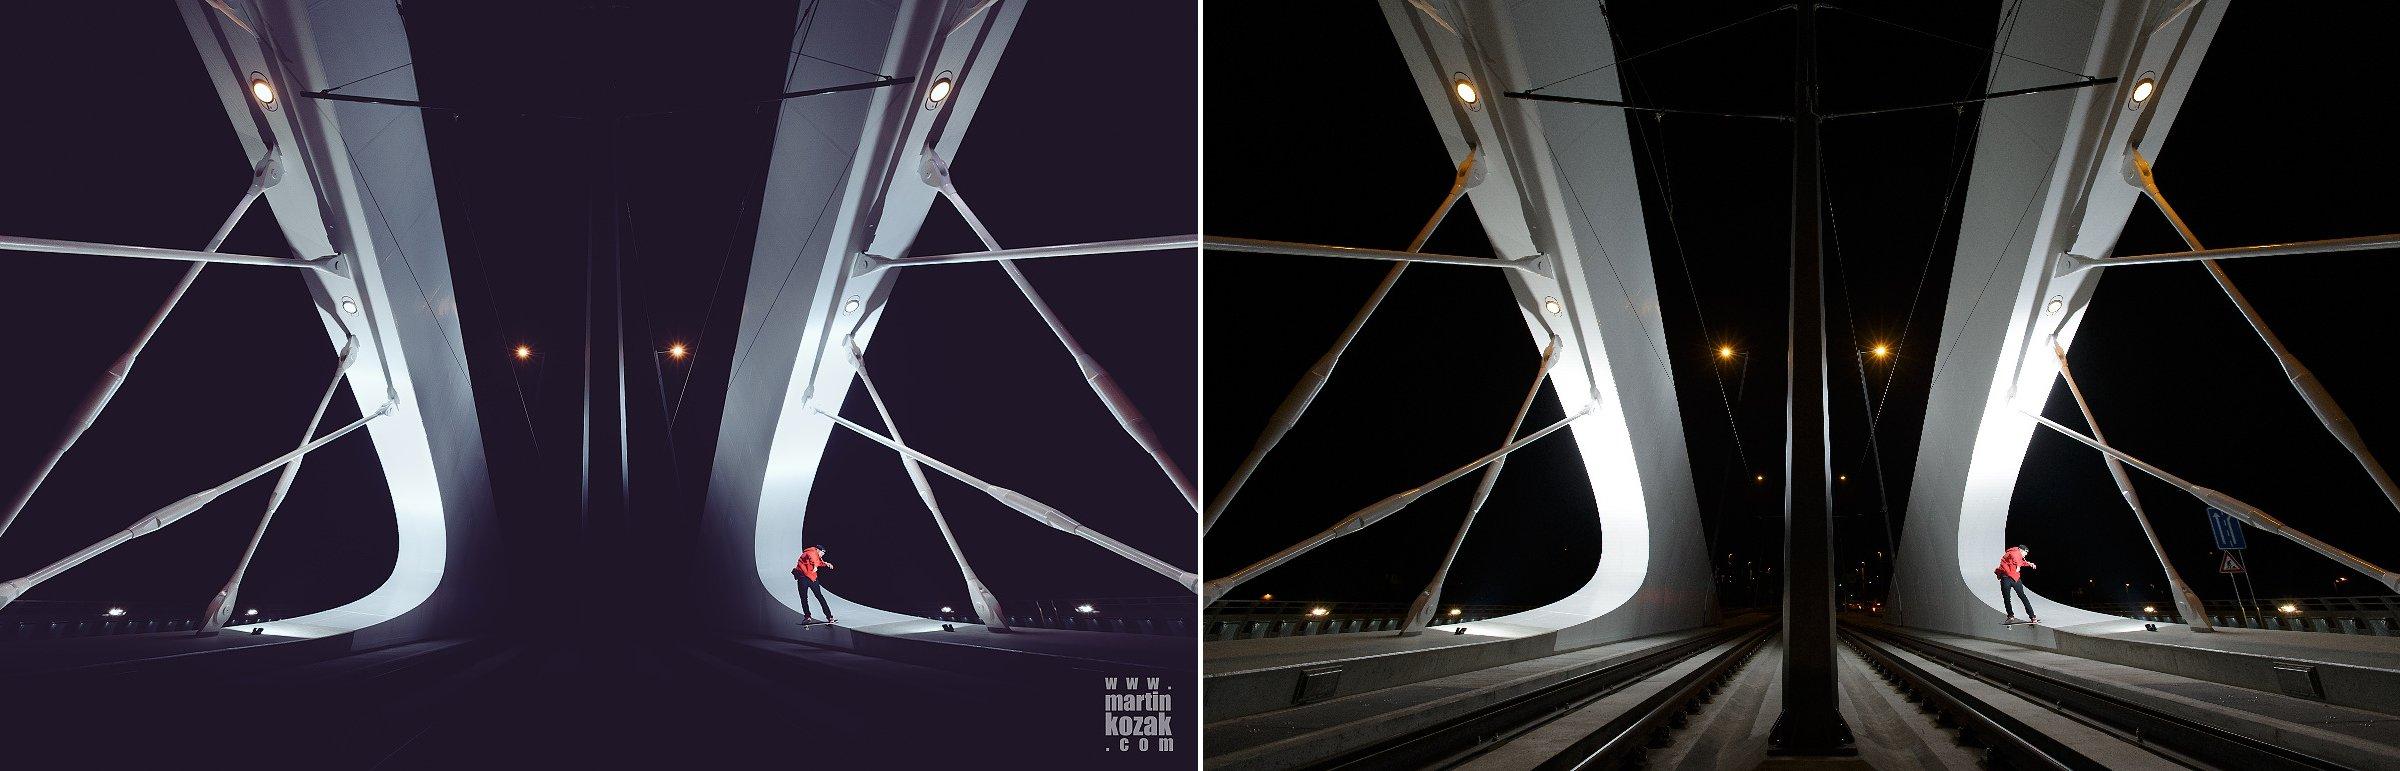 Ztmavení nepodstatných míst tak, aby vynikla konstrukce mostu, tónování